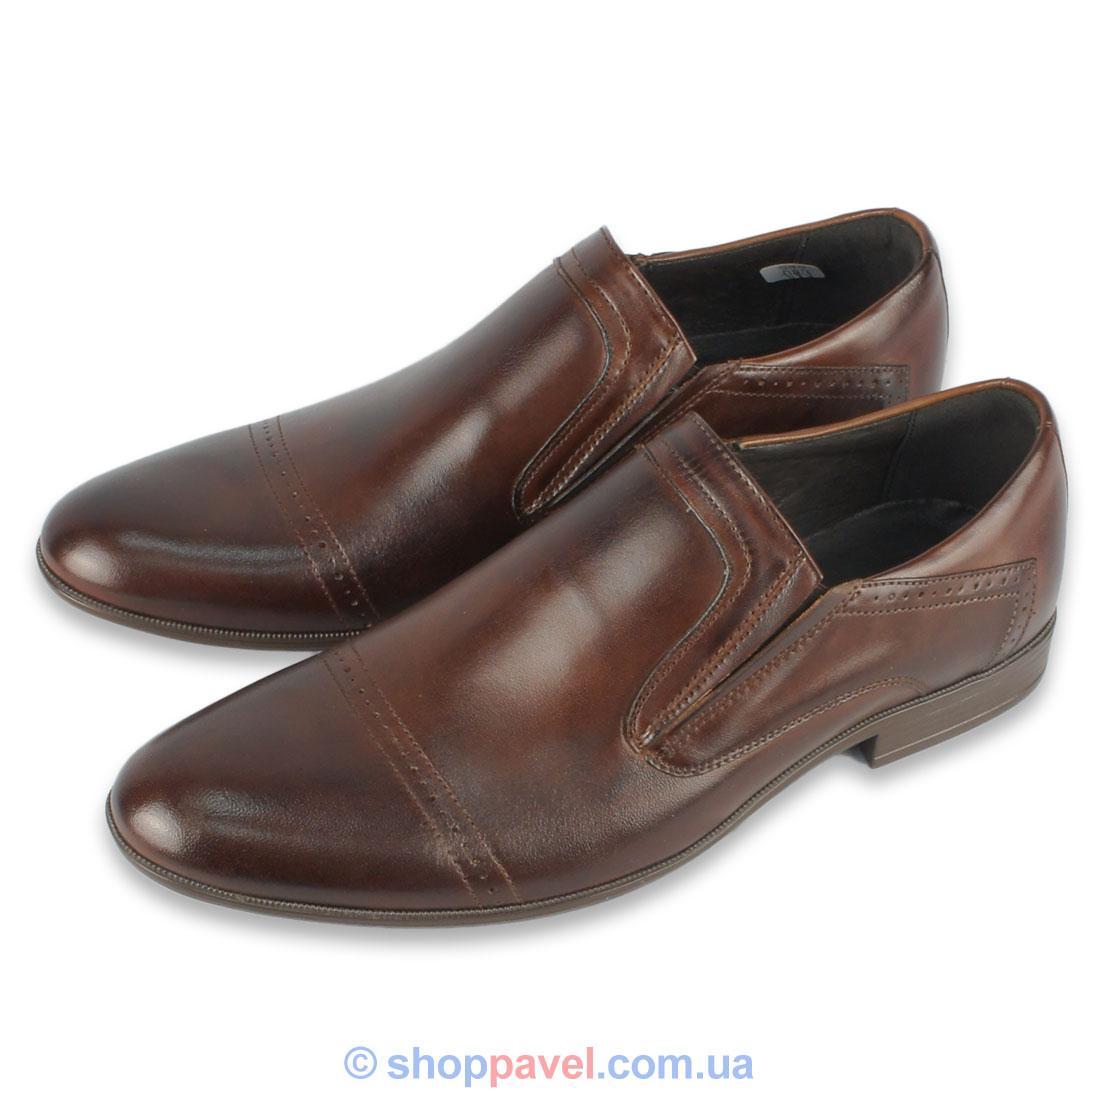 Туфлі Tapi B-5704 коричневого кольору